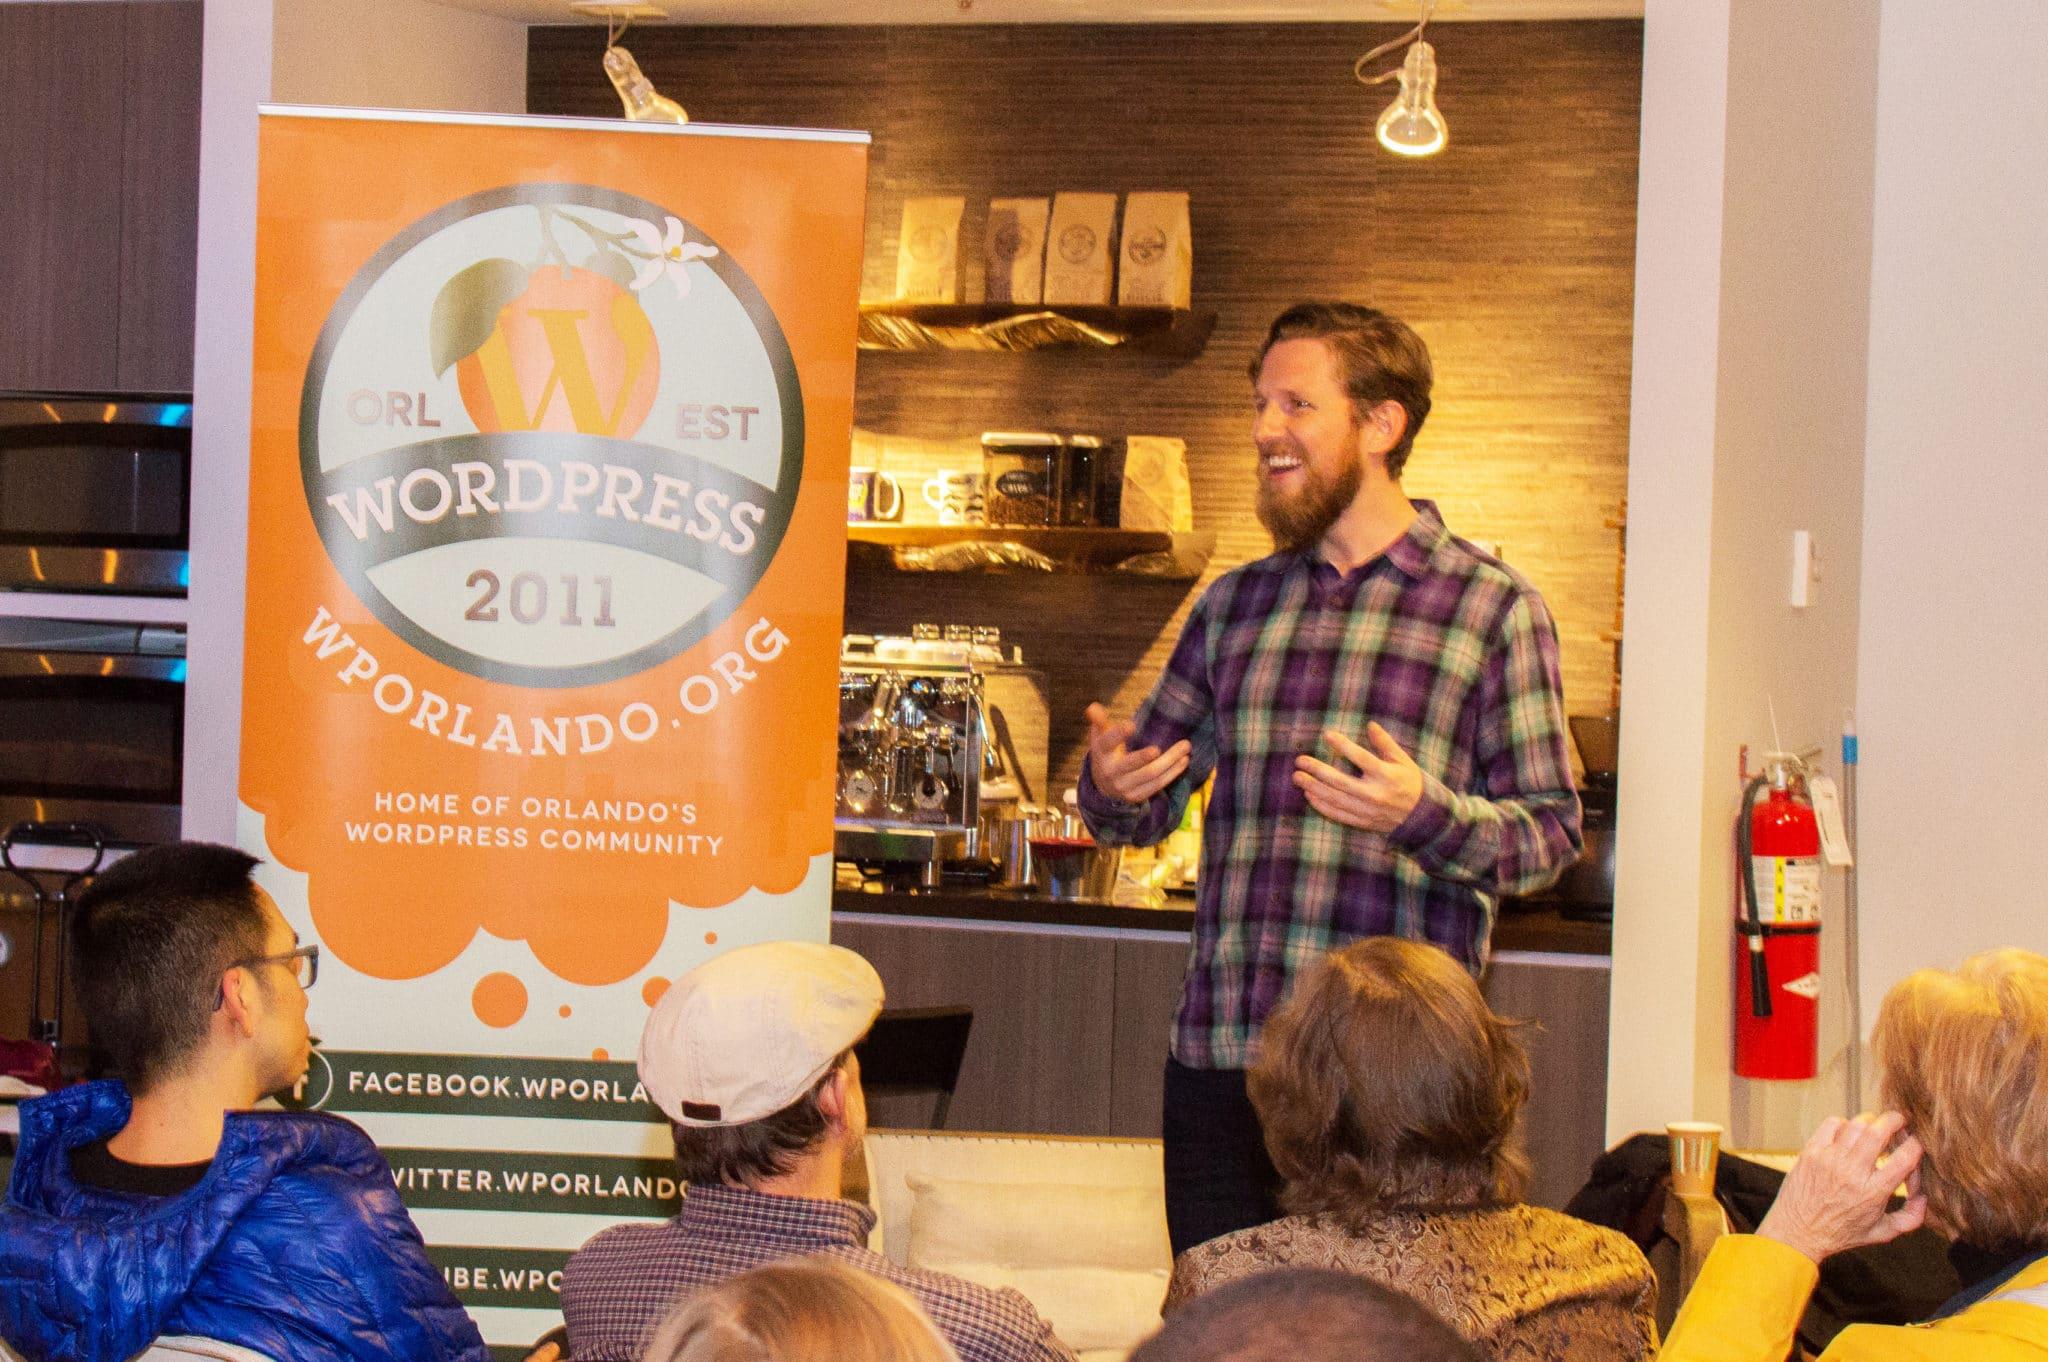 Matt Mullenweg's Q&A About Gutenberg at WordPress Orlando